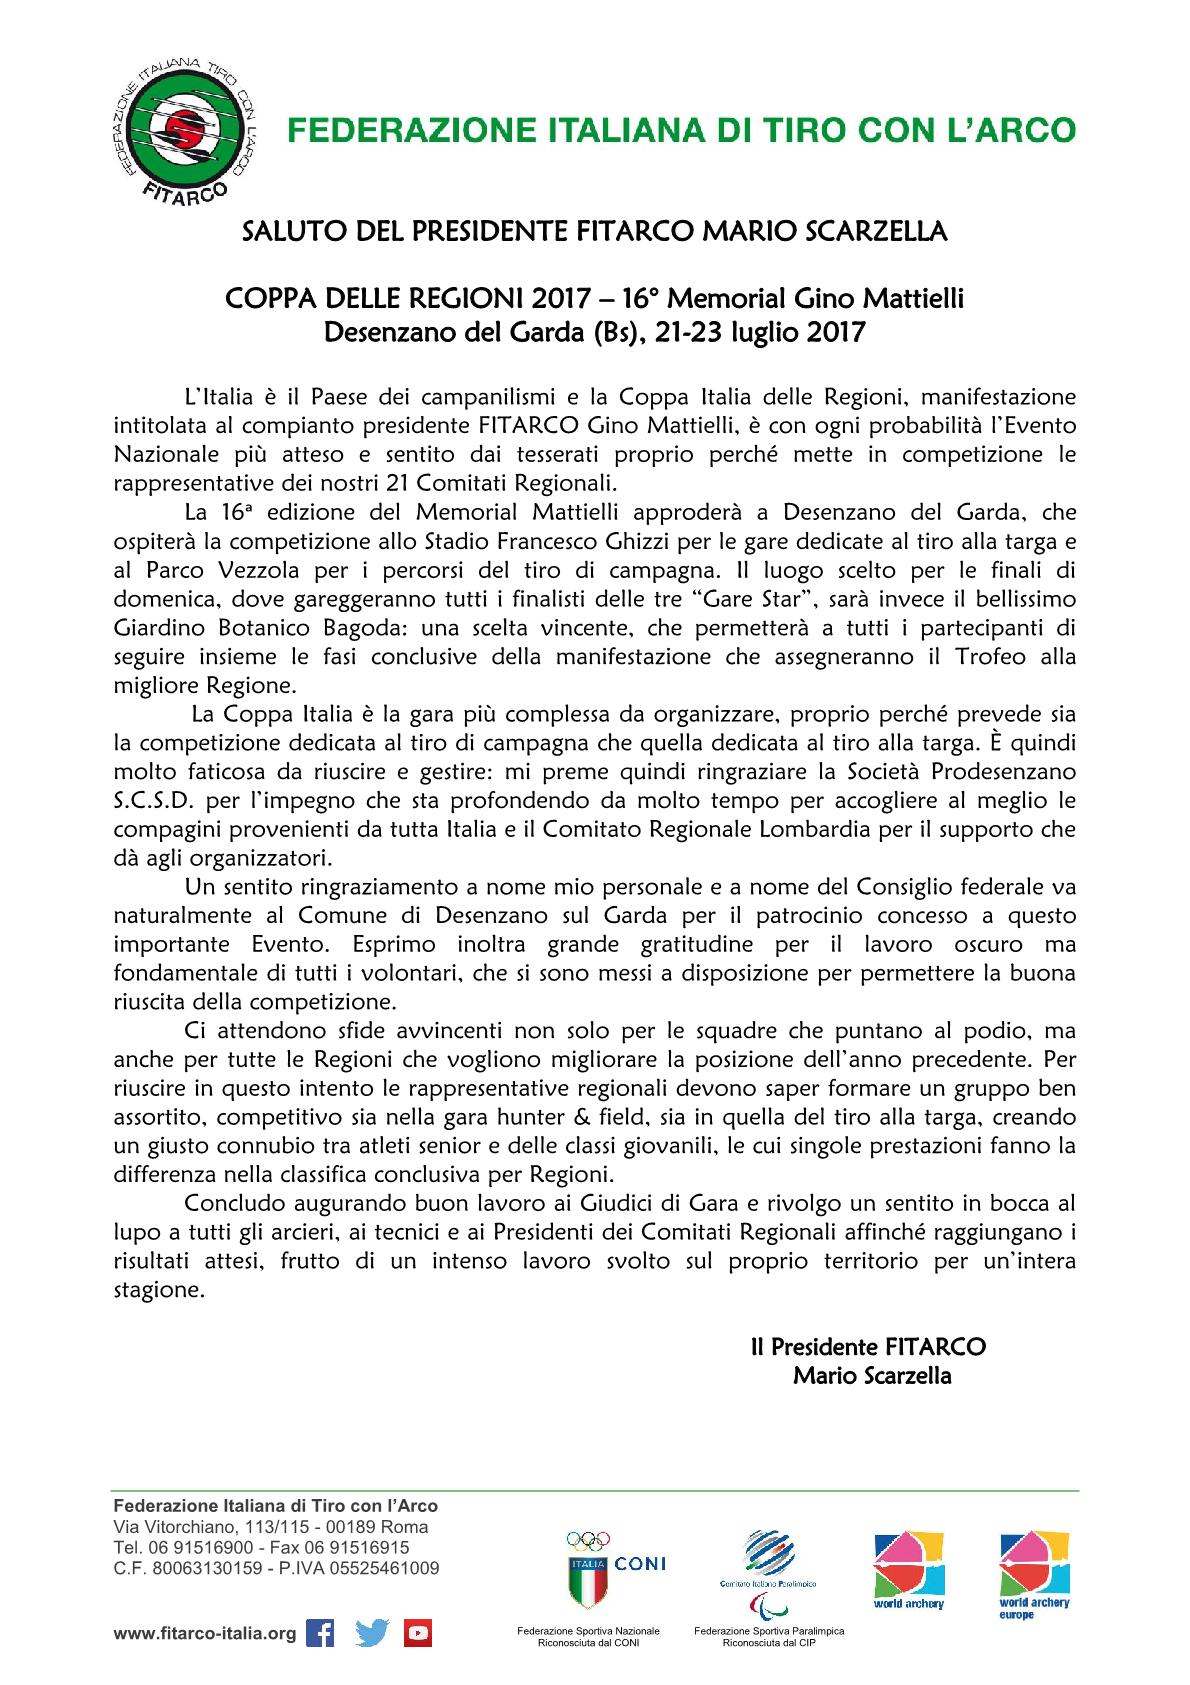 coppa-italia-delle-regioni-desenzano-del-garda-201711